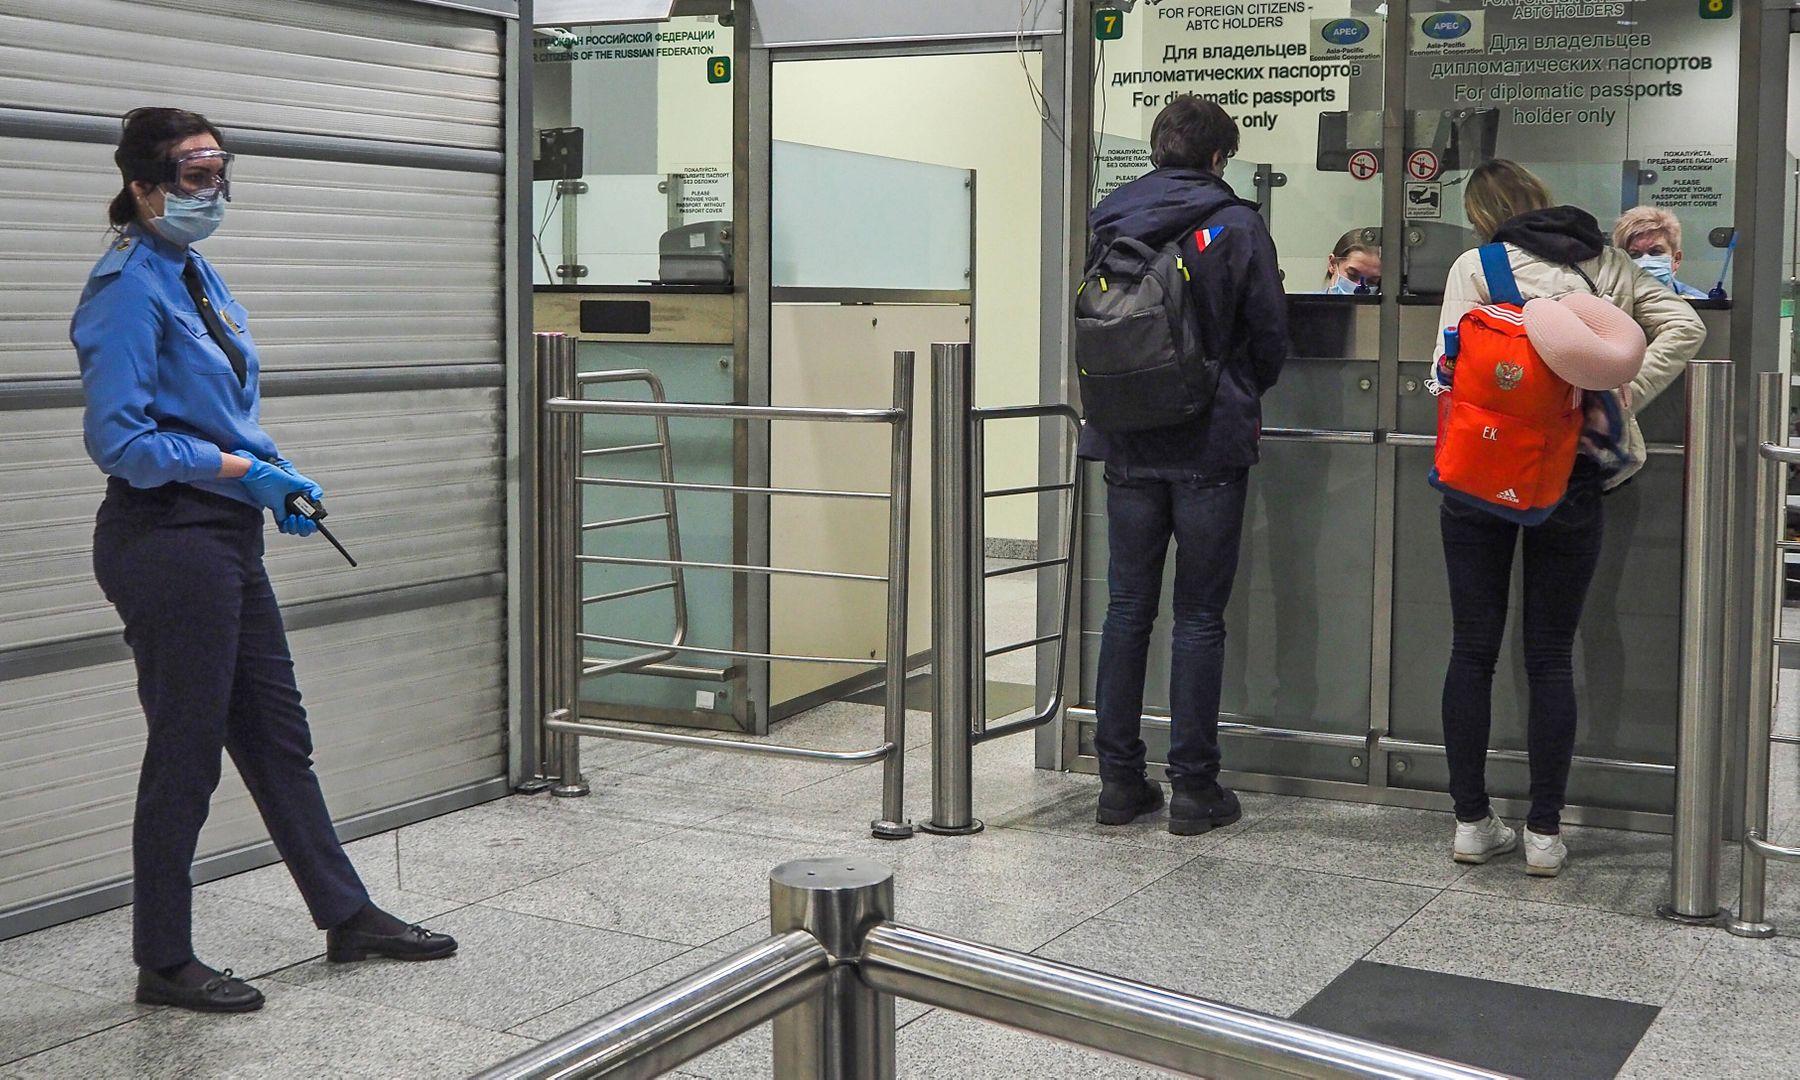 www.reisereporter.de